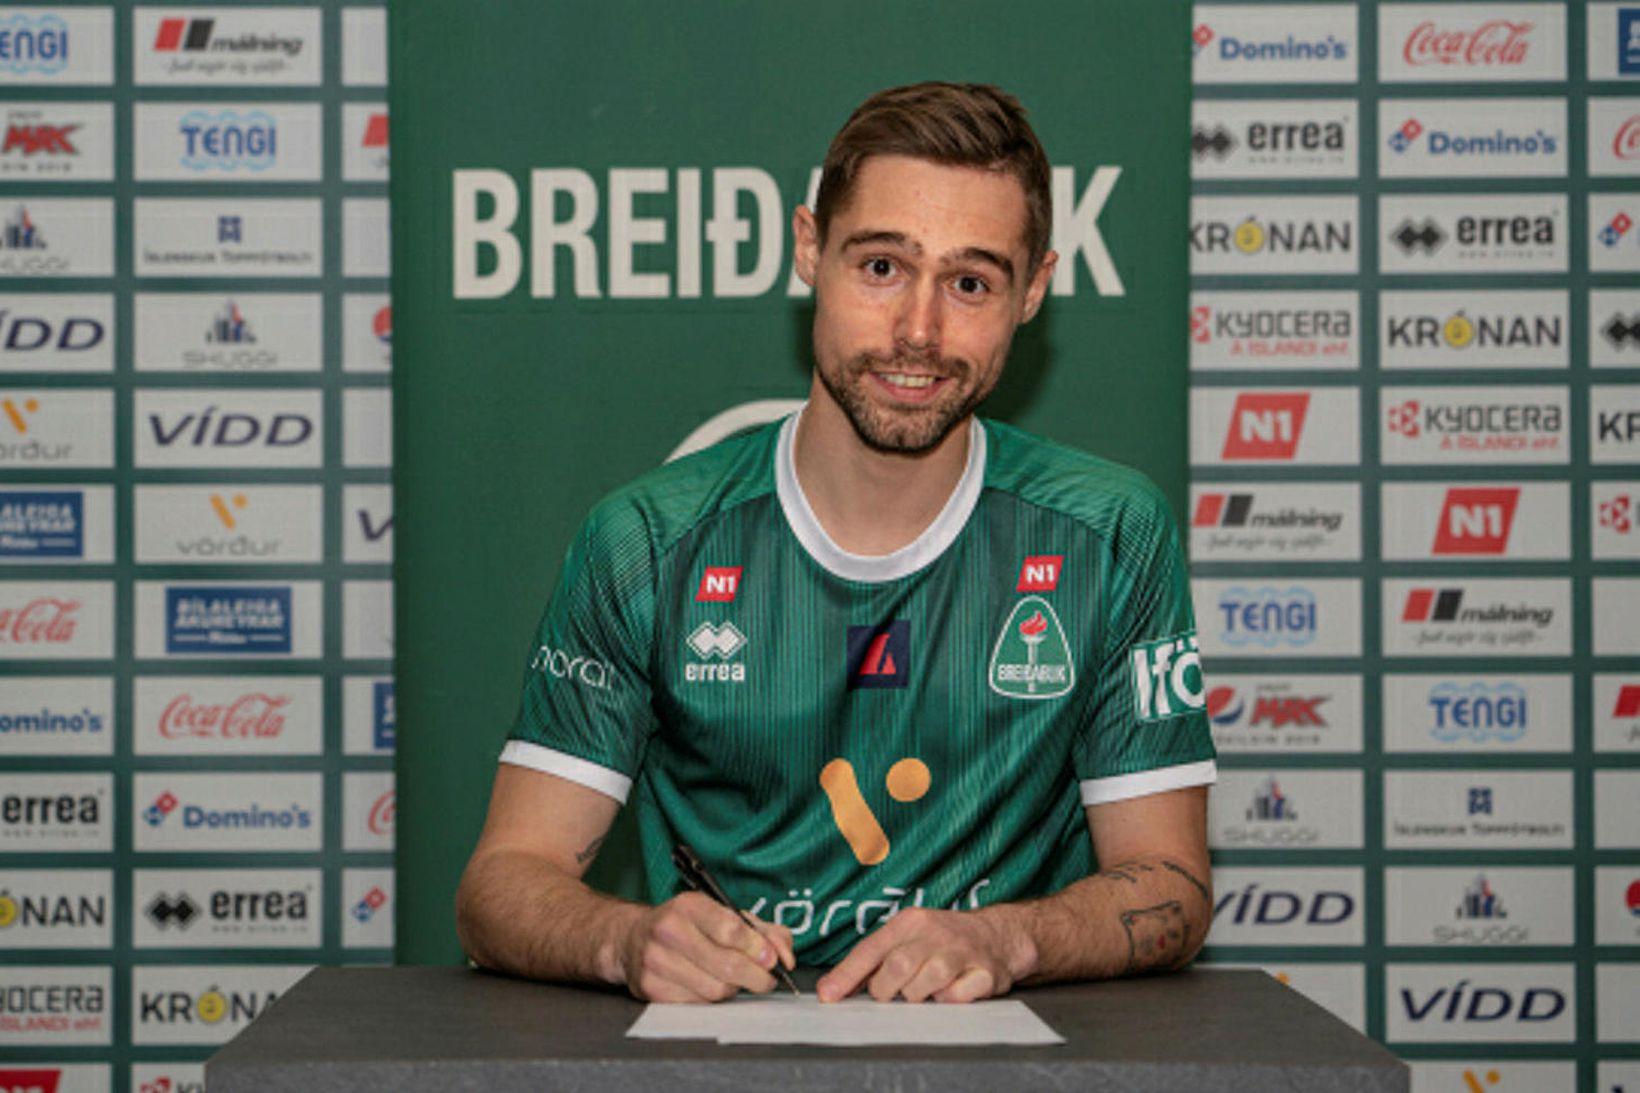 Sóknarmaðurinn Árni Vilhjálmsson er kominn til Breiðabliks eftir nokkurra ára …